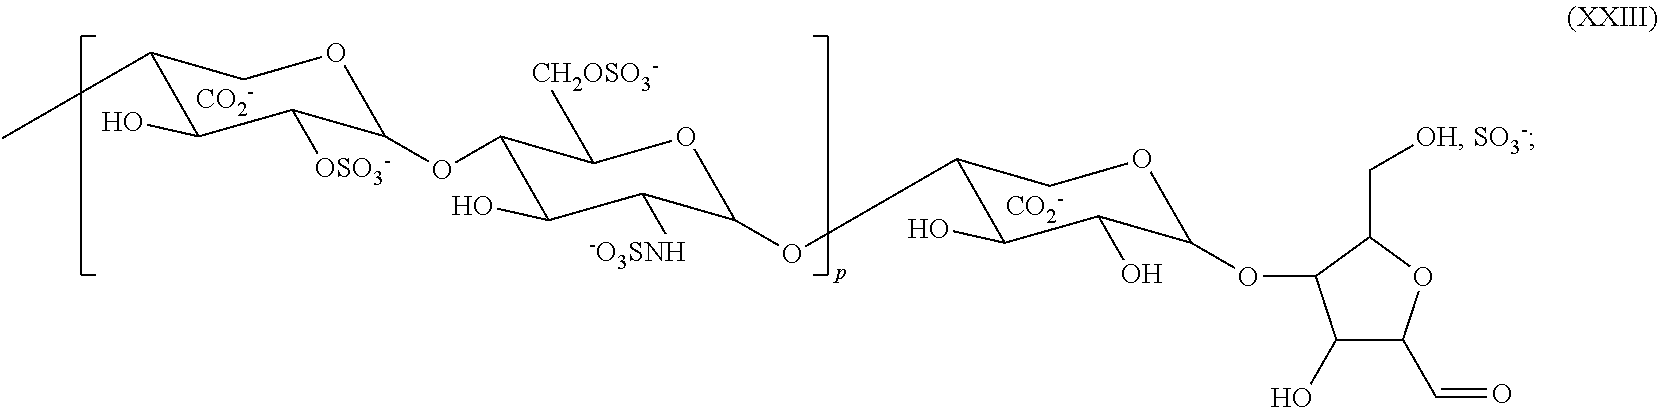 Figure US08007775-20110830-C00023